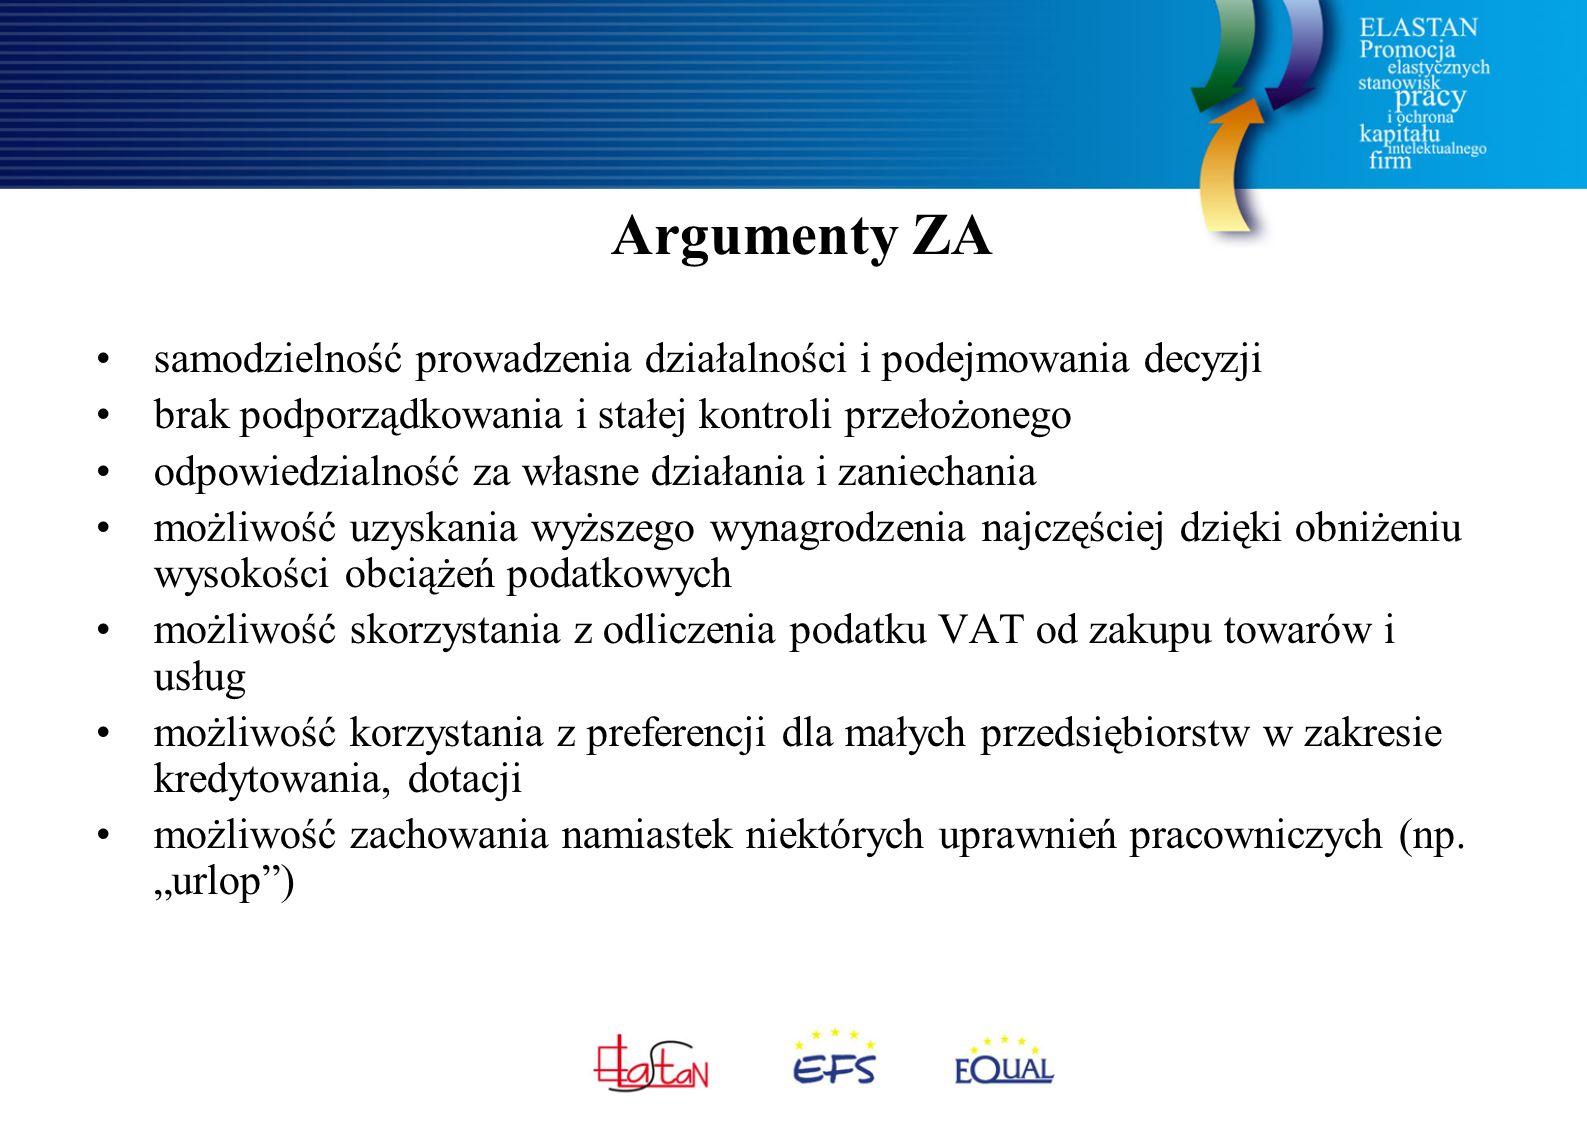 Argumenty ZA samodzielność prowadzenia działalności i podejmowania decyzji brak podporządkowania i stałej kontroli przełożonego odpowiedzialność za wł